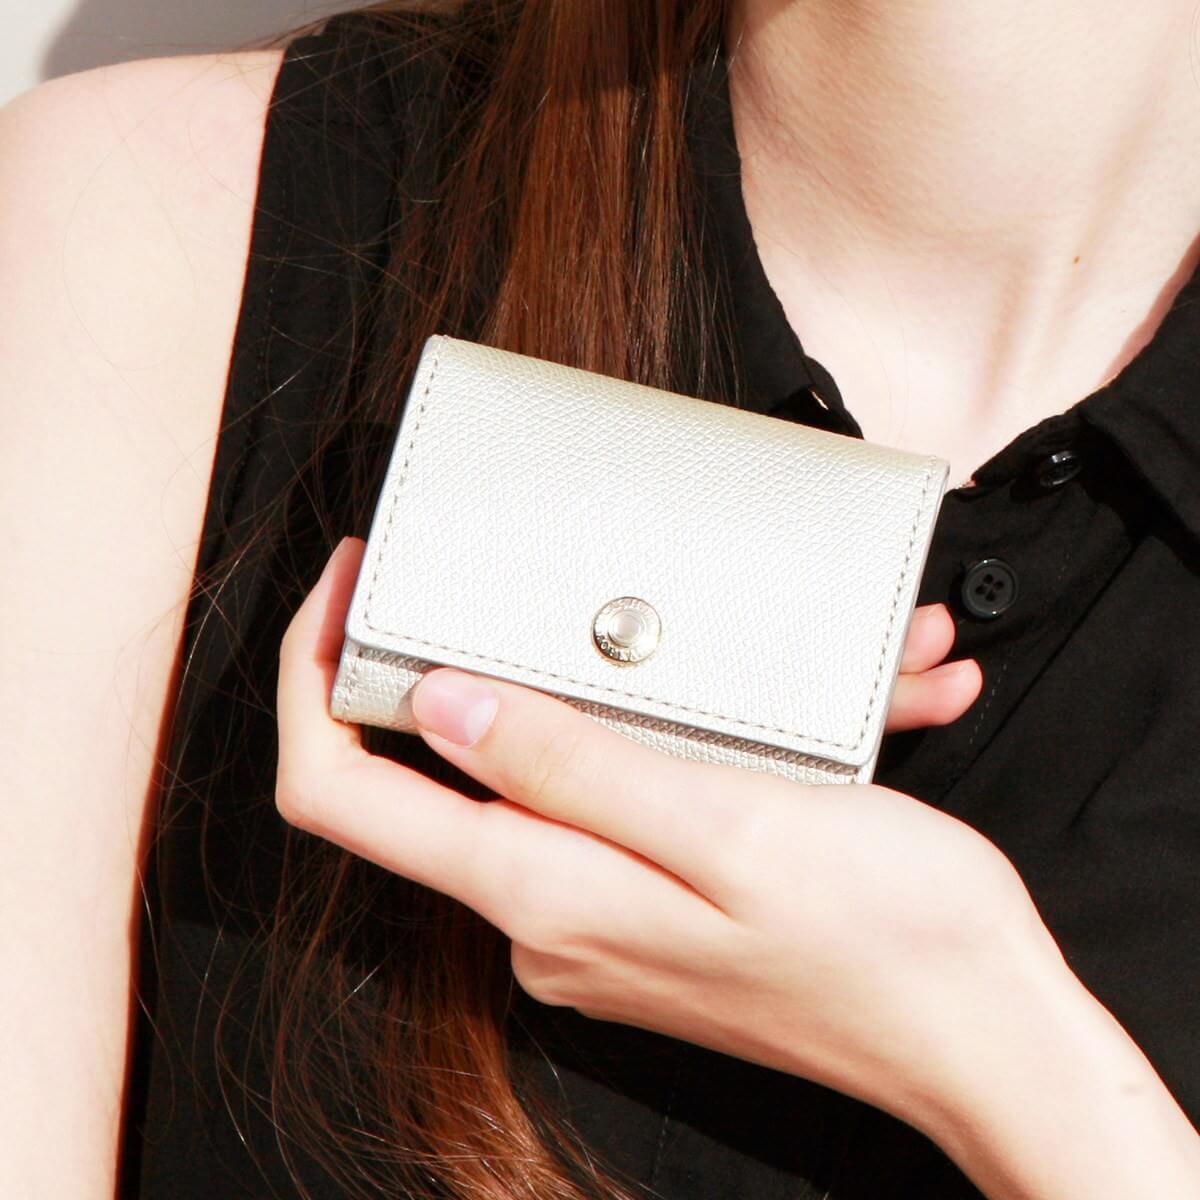 【公式】[トプカピ] TOPKAPI 角シボ型押しメタリックレザー・三つ折りミニ財布 COLORATO コロラート